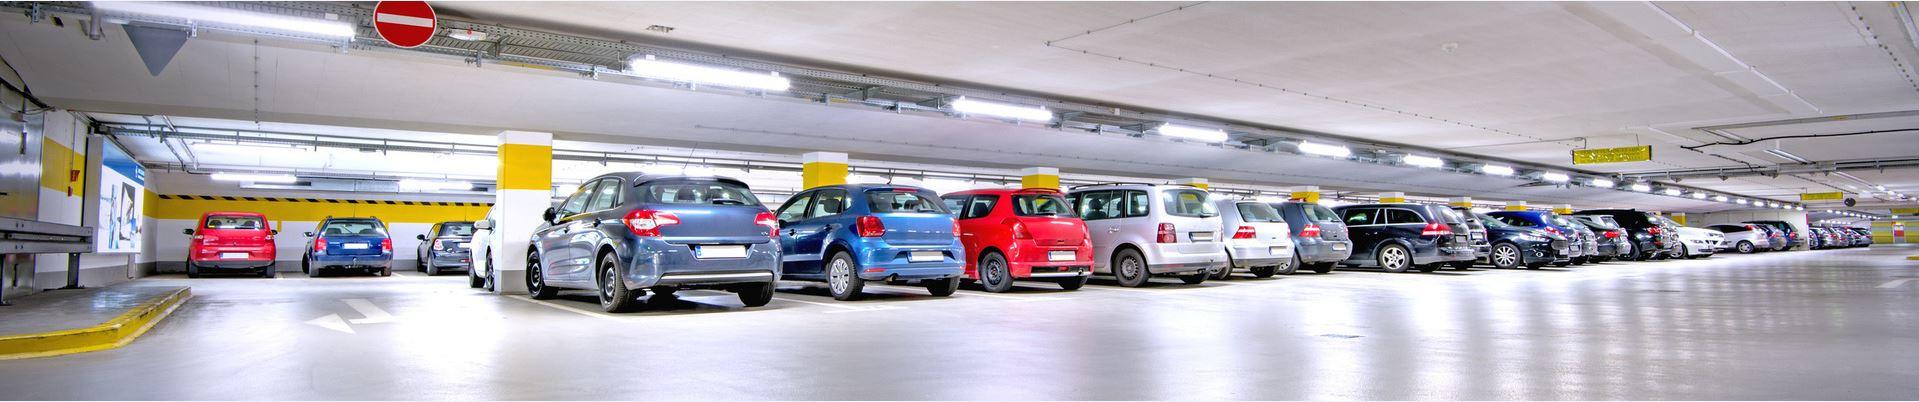 Kategorie Auto und Motor